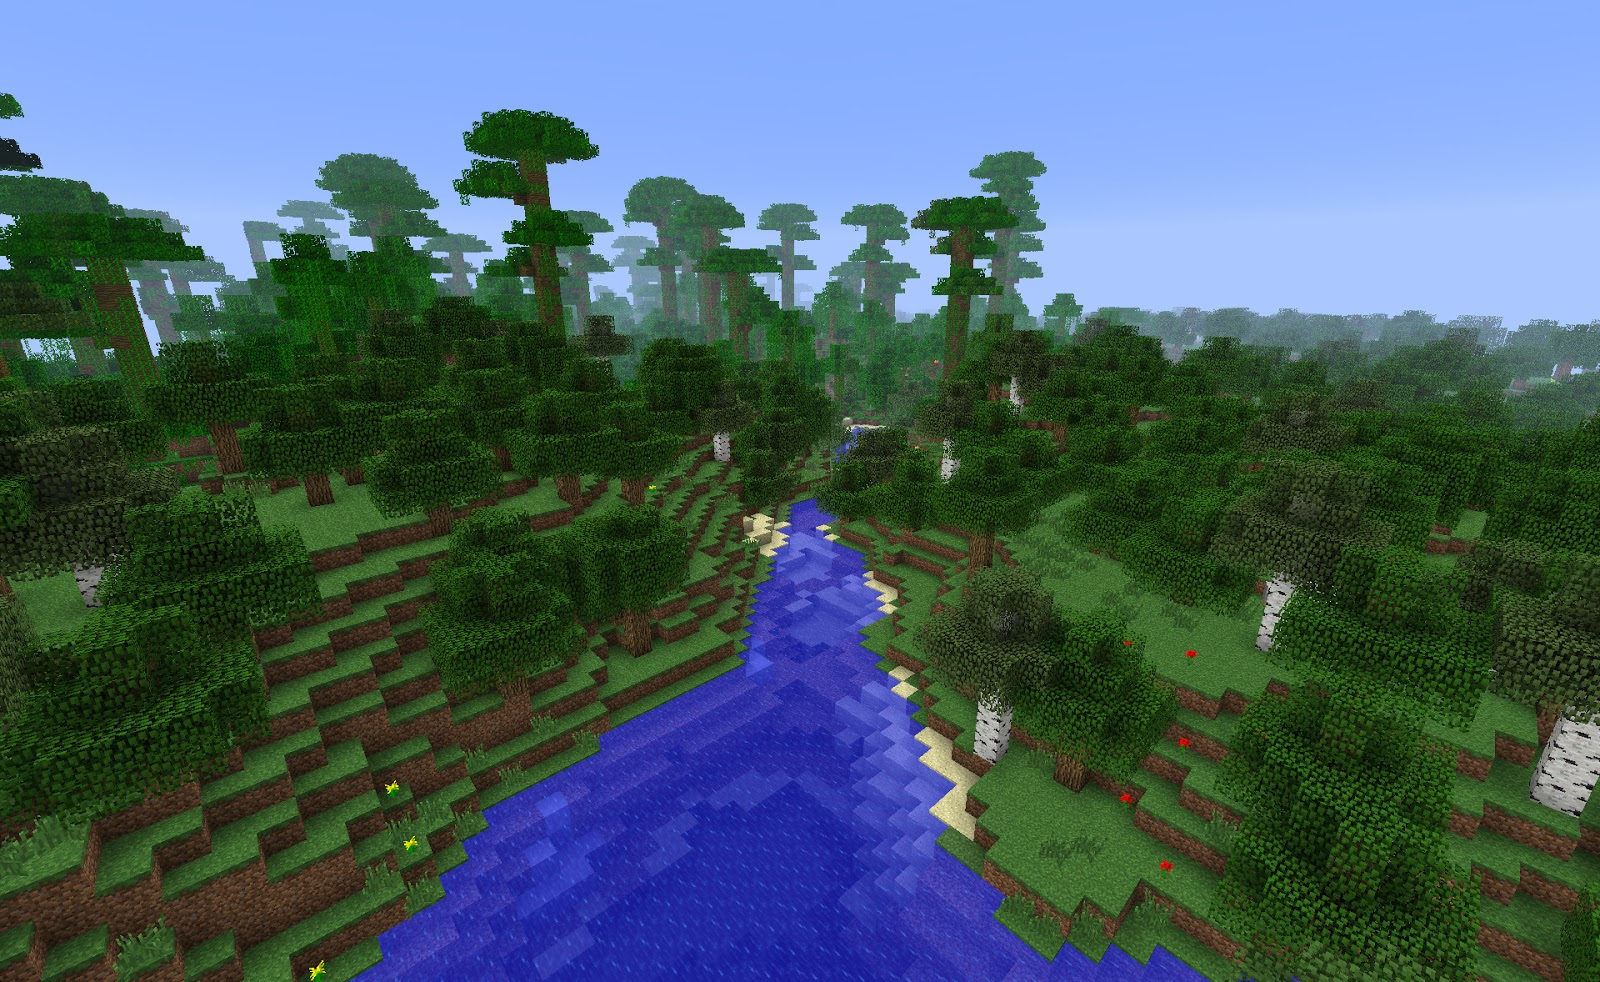 майнкрафт 1 9 0 ключ для генирації світу джунгли #8